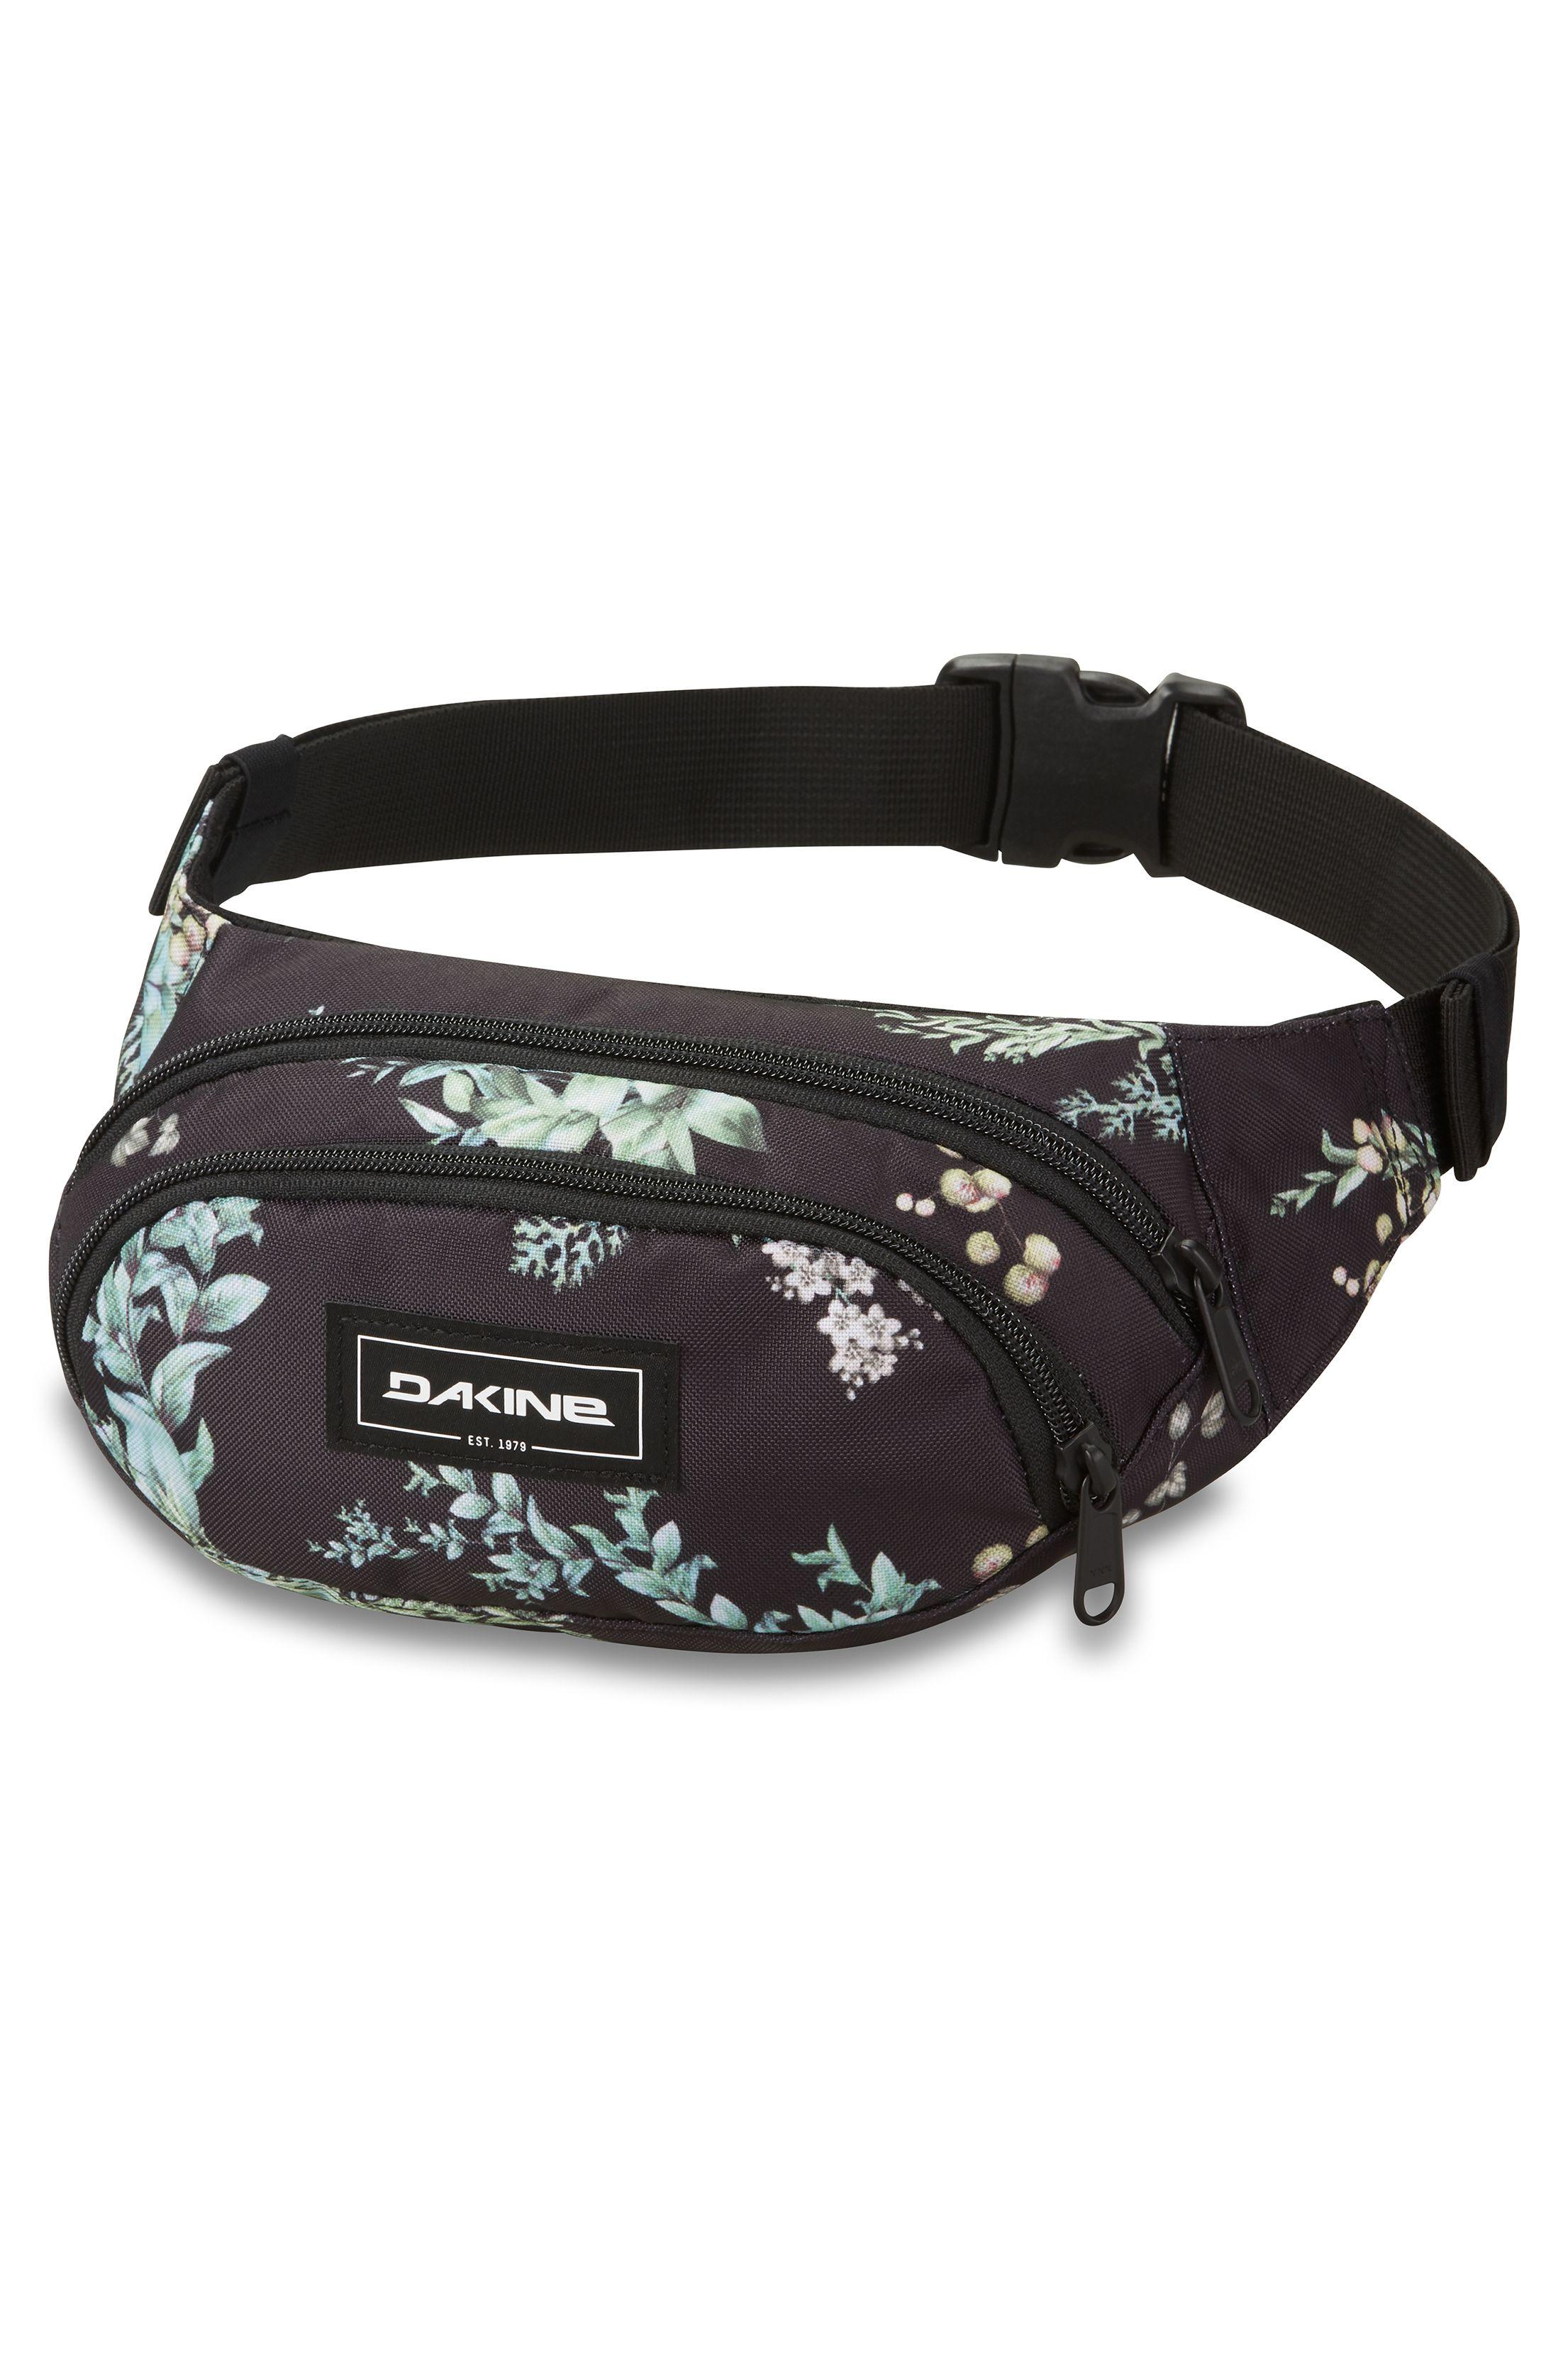 Dakine Waist Bag HIP PACK Solstice Floral